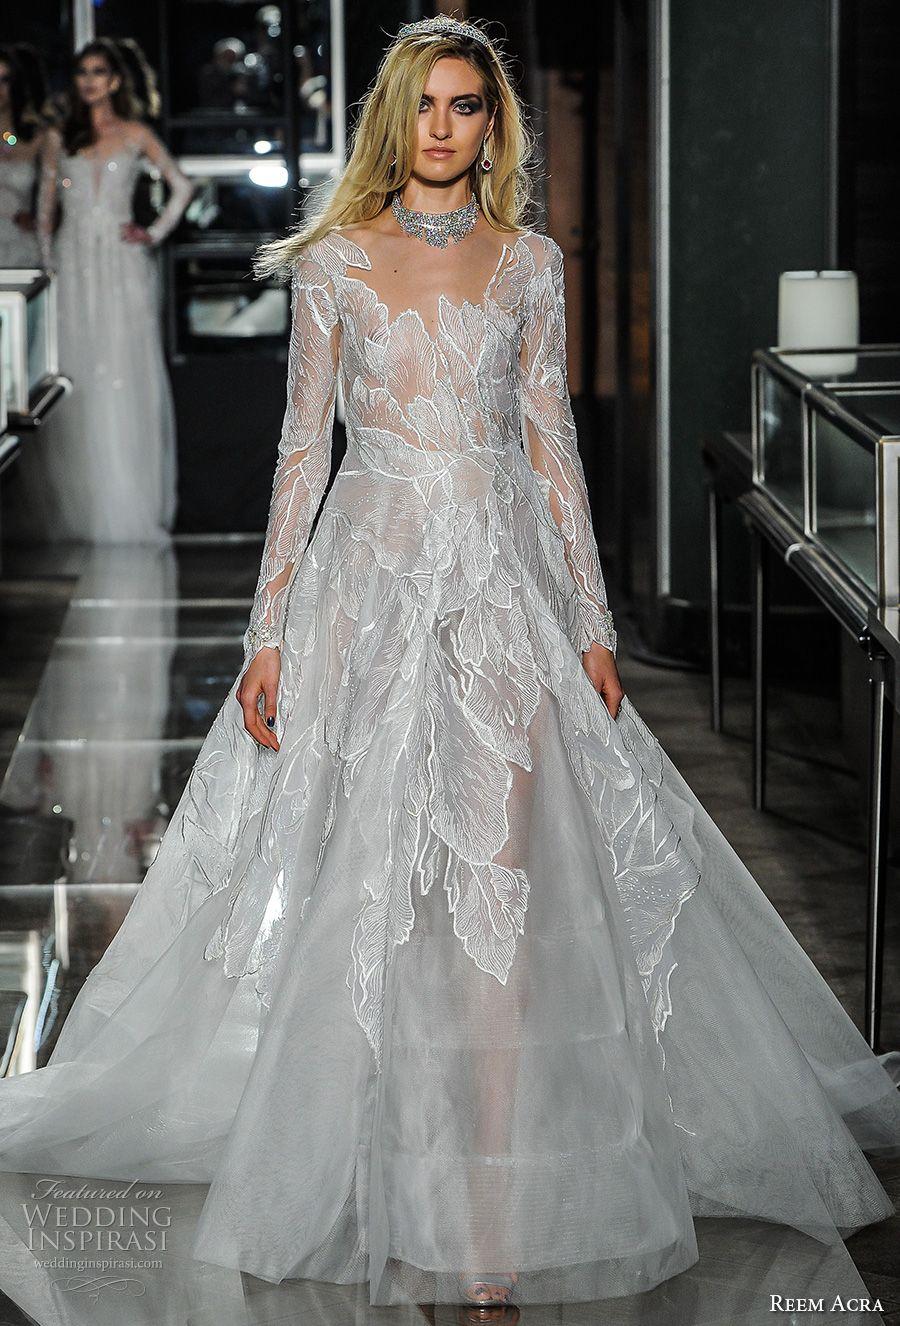 Reem acra spring wedding dresses u new york bridal fashion week